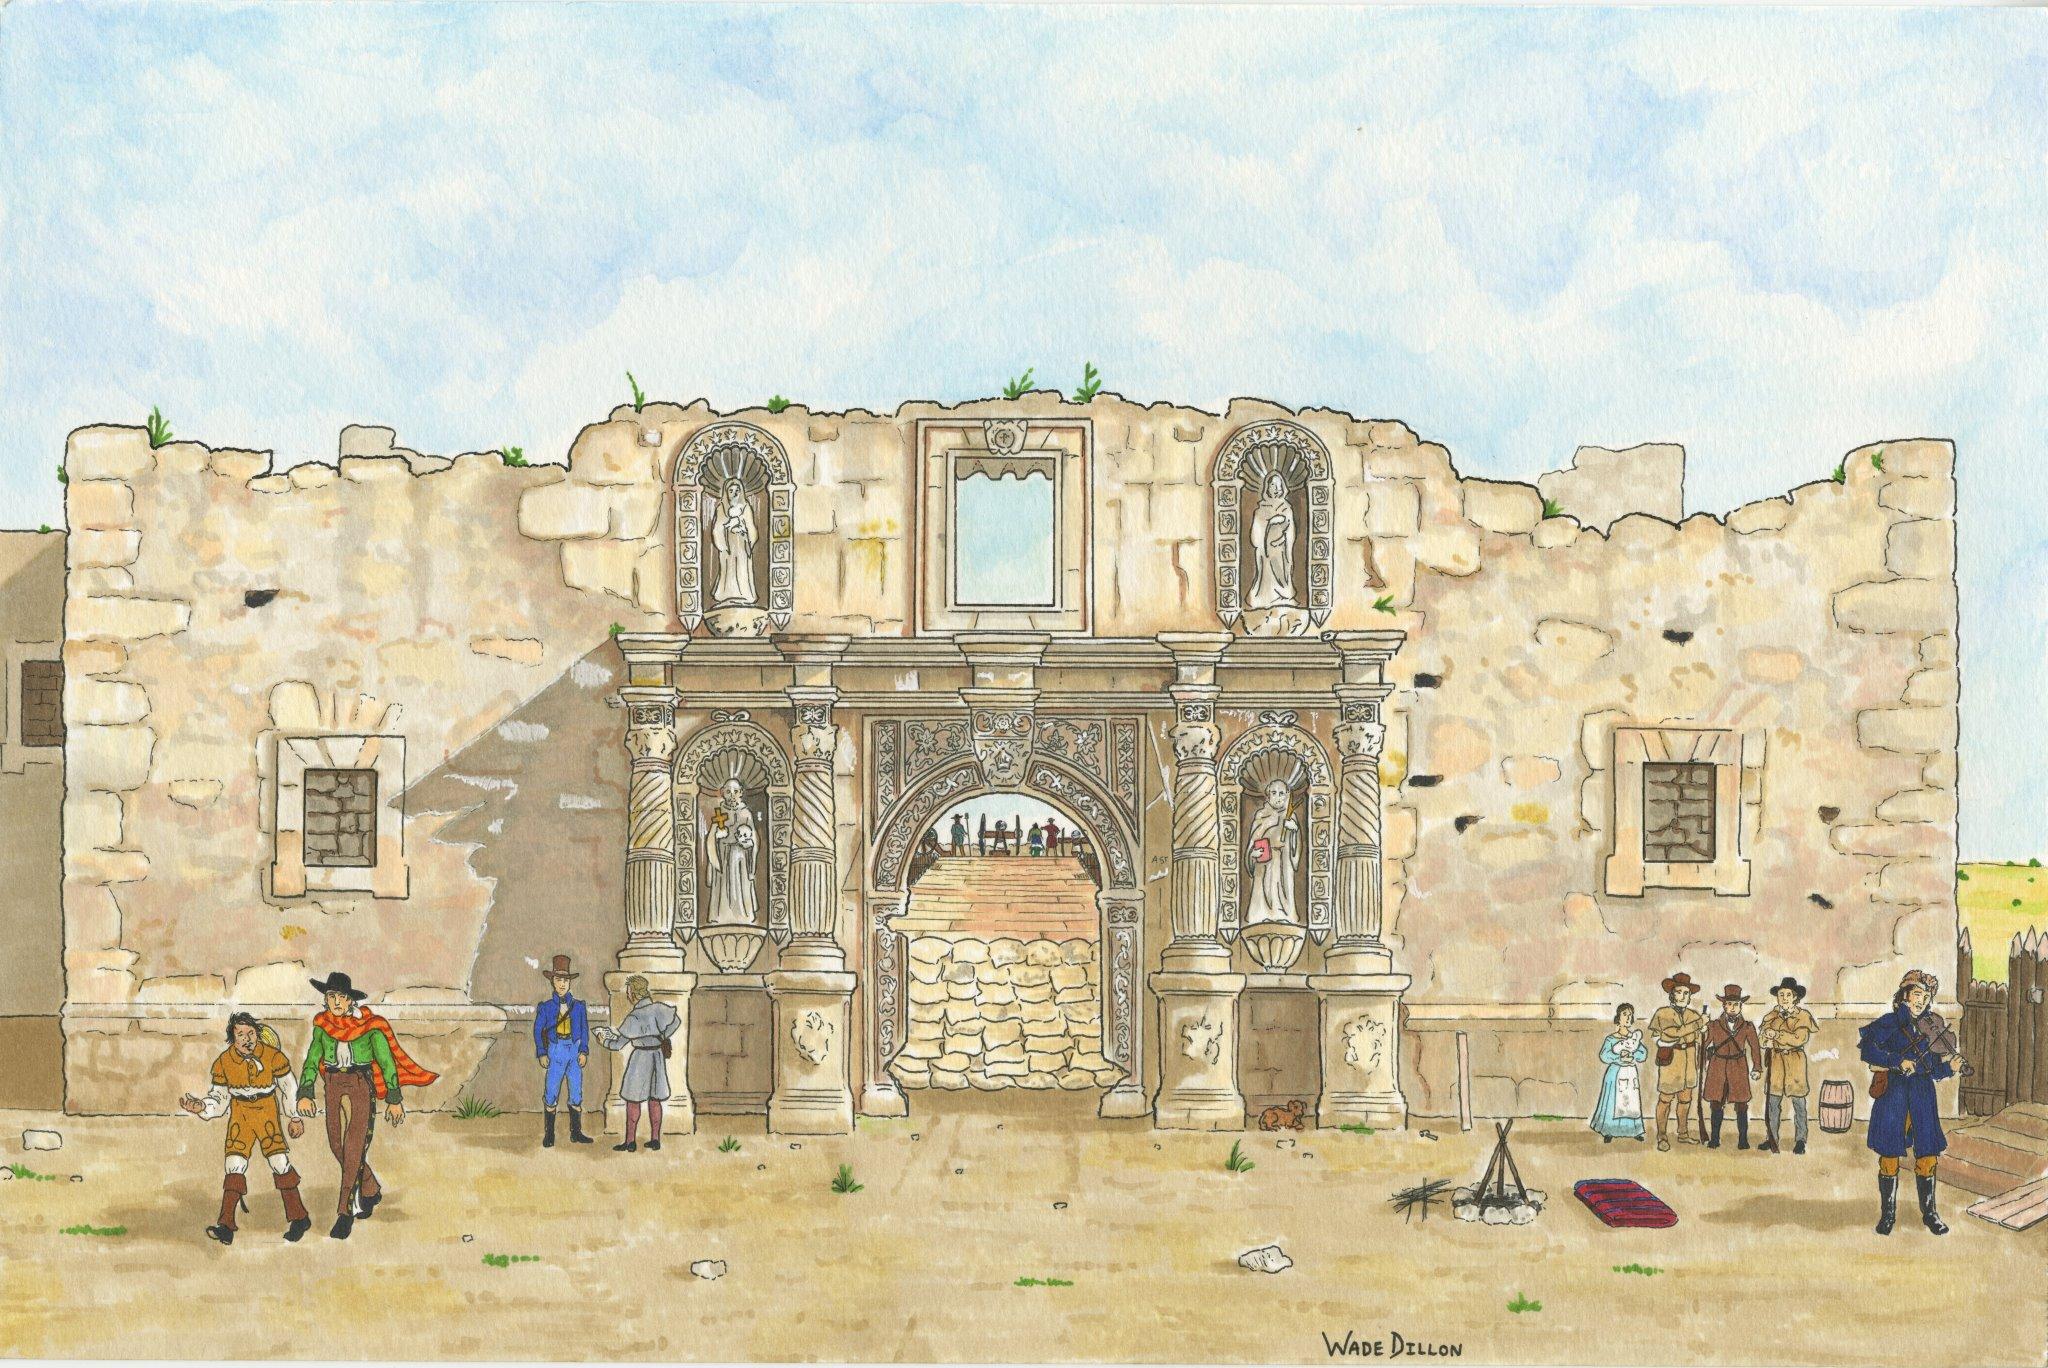 The Alamo in 1836